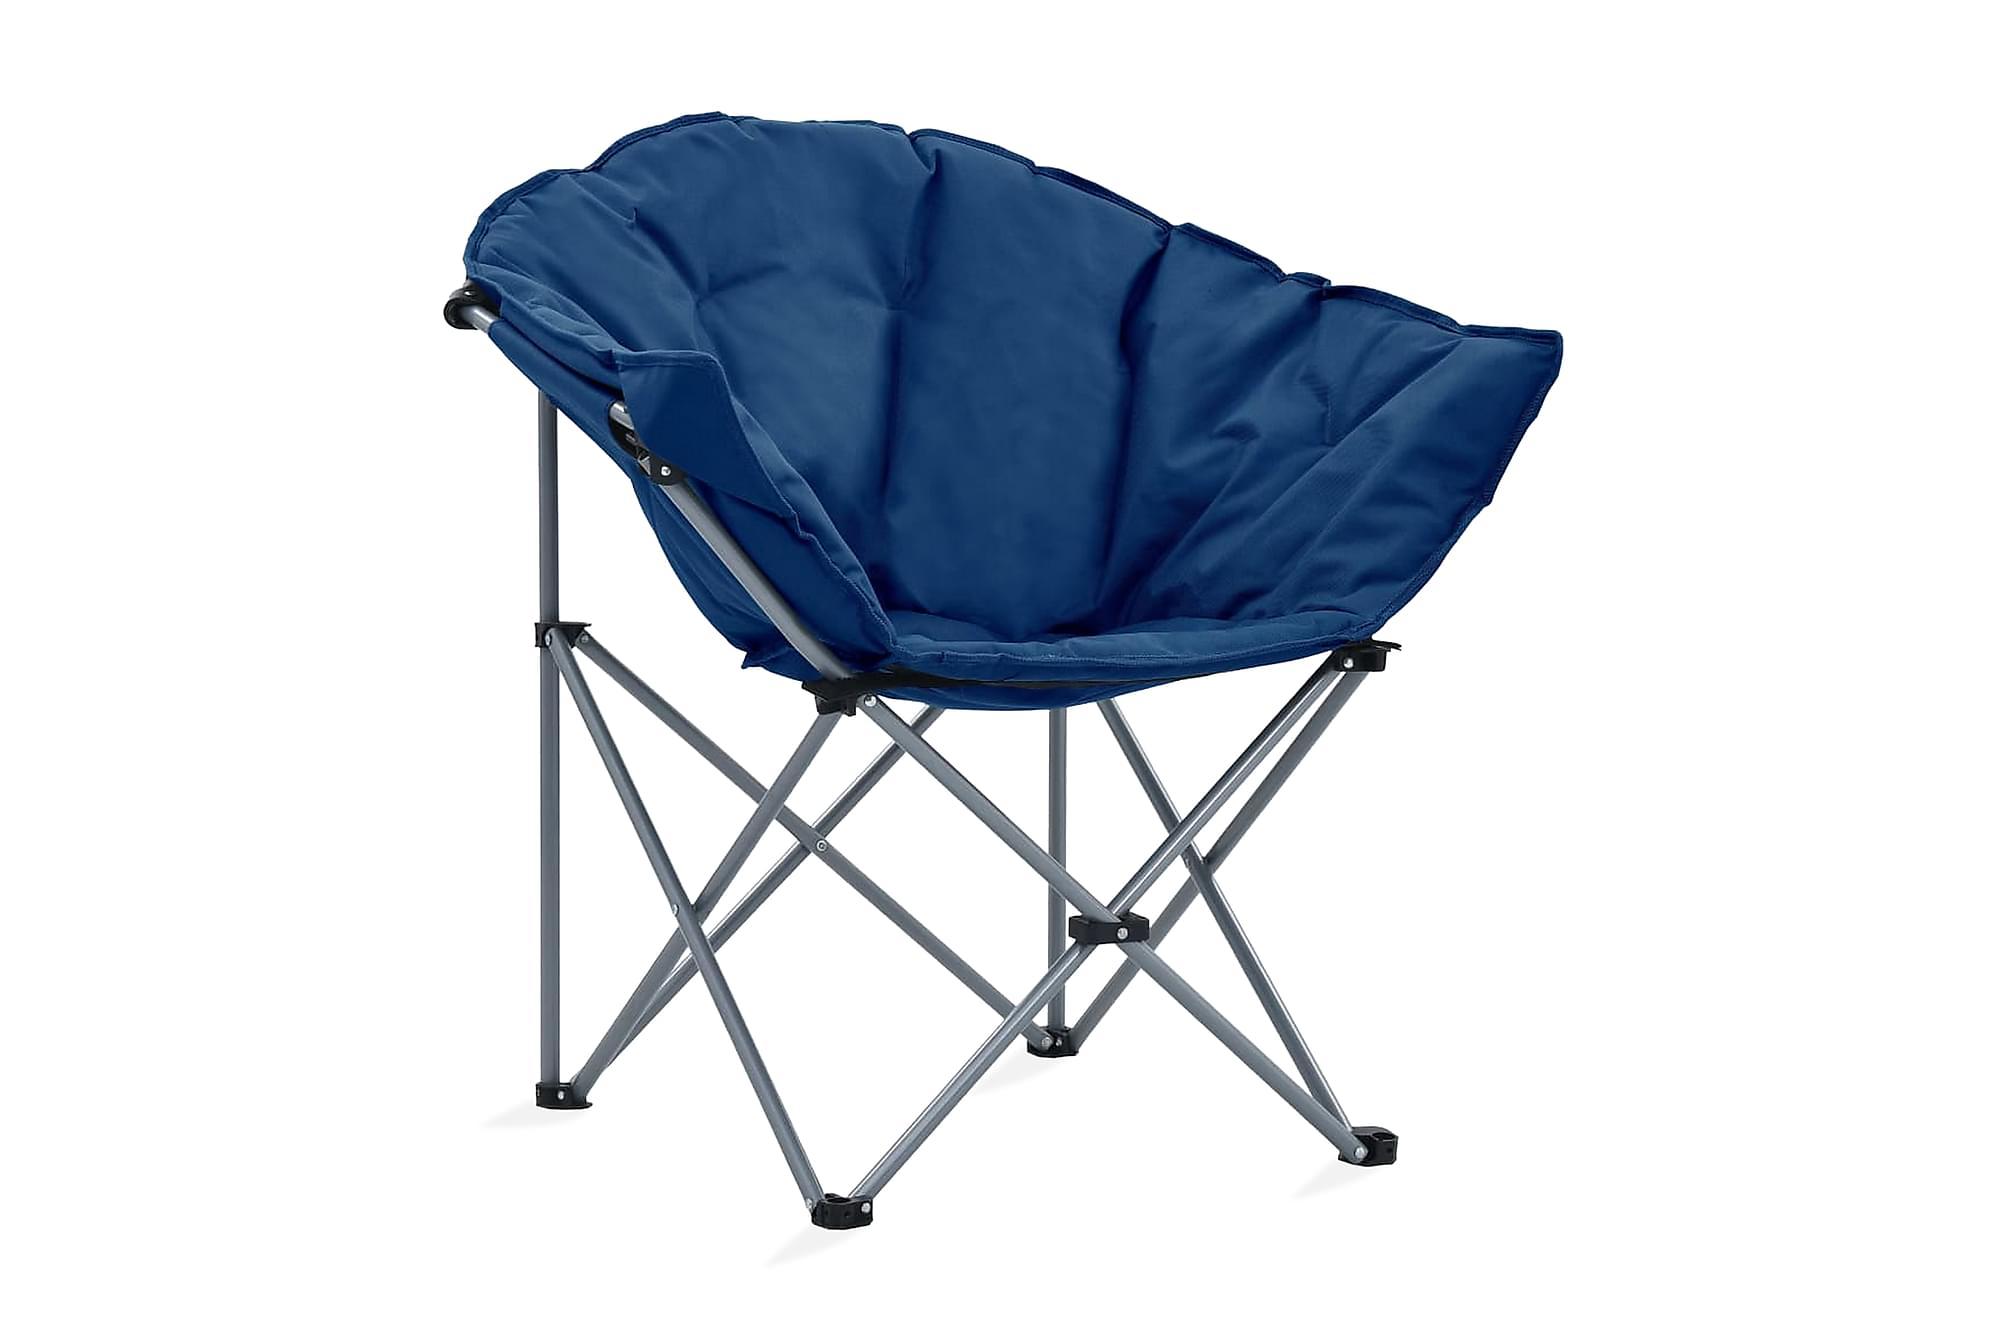 Hopfällbara månstolar 2 st blå, Campingstol